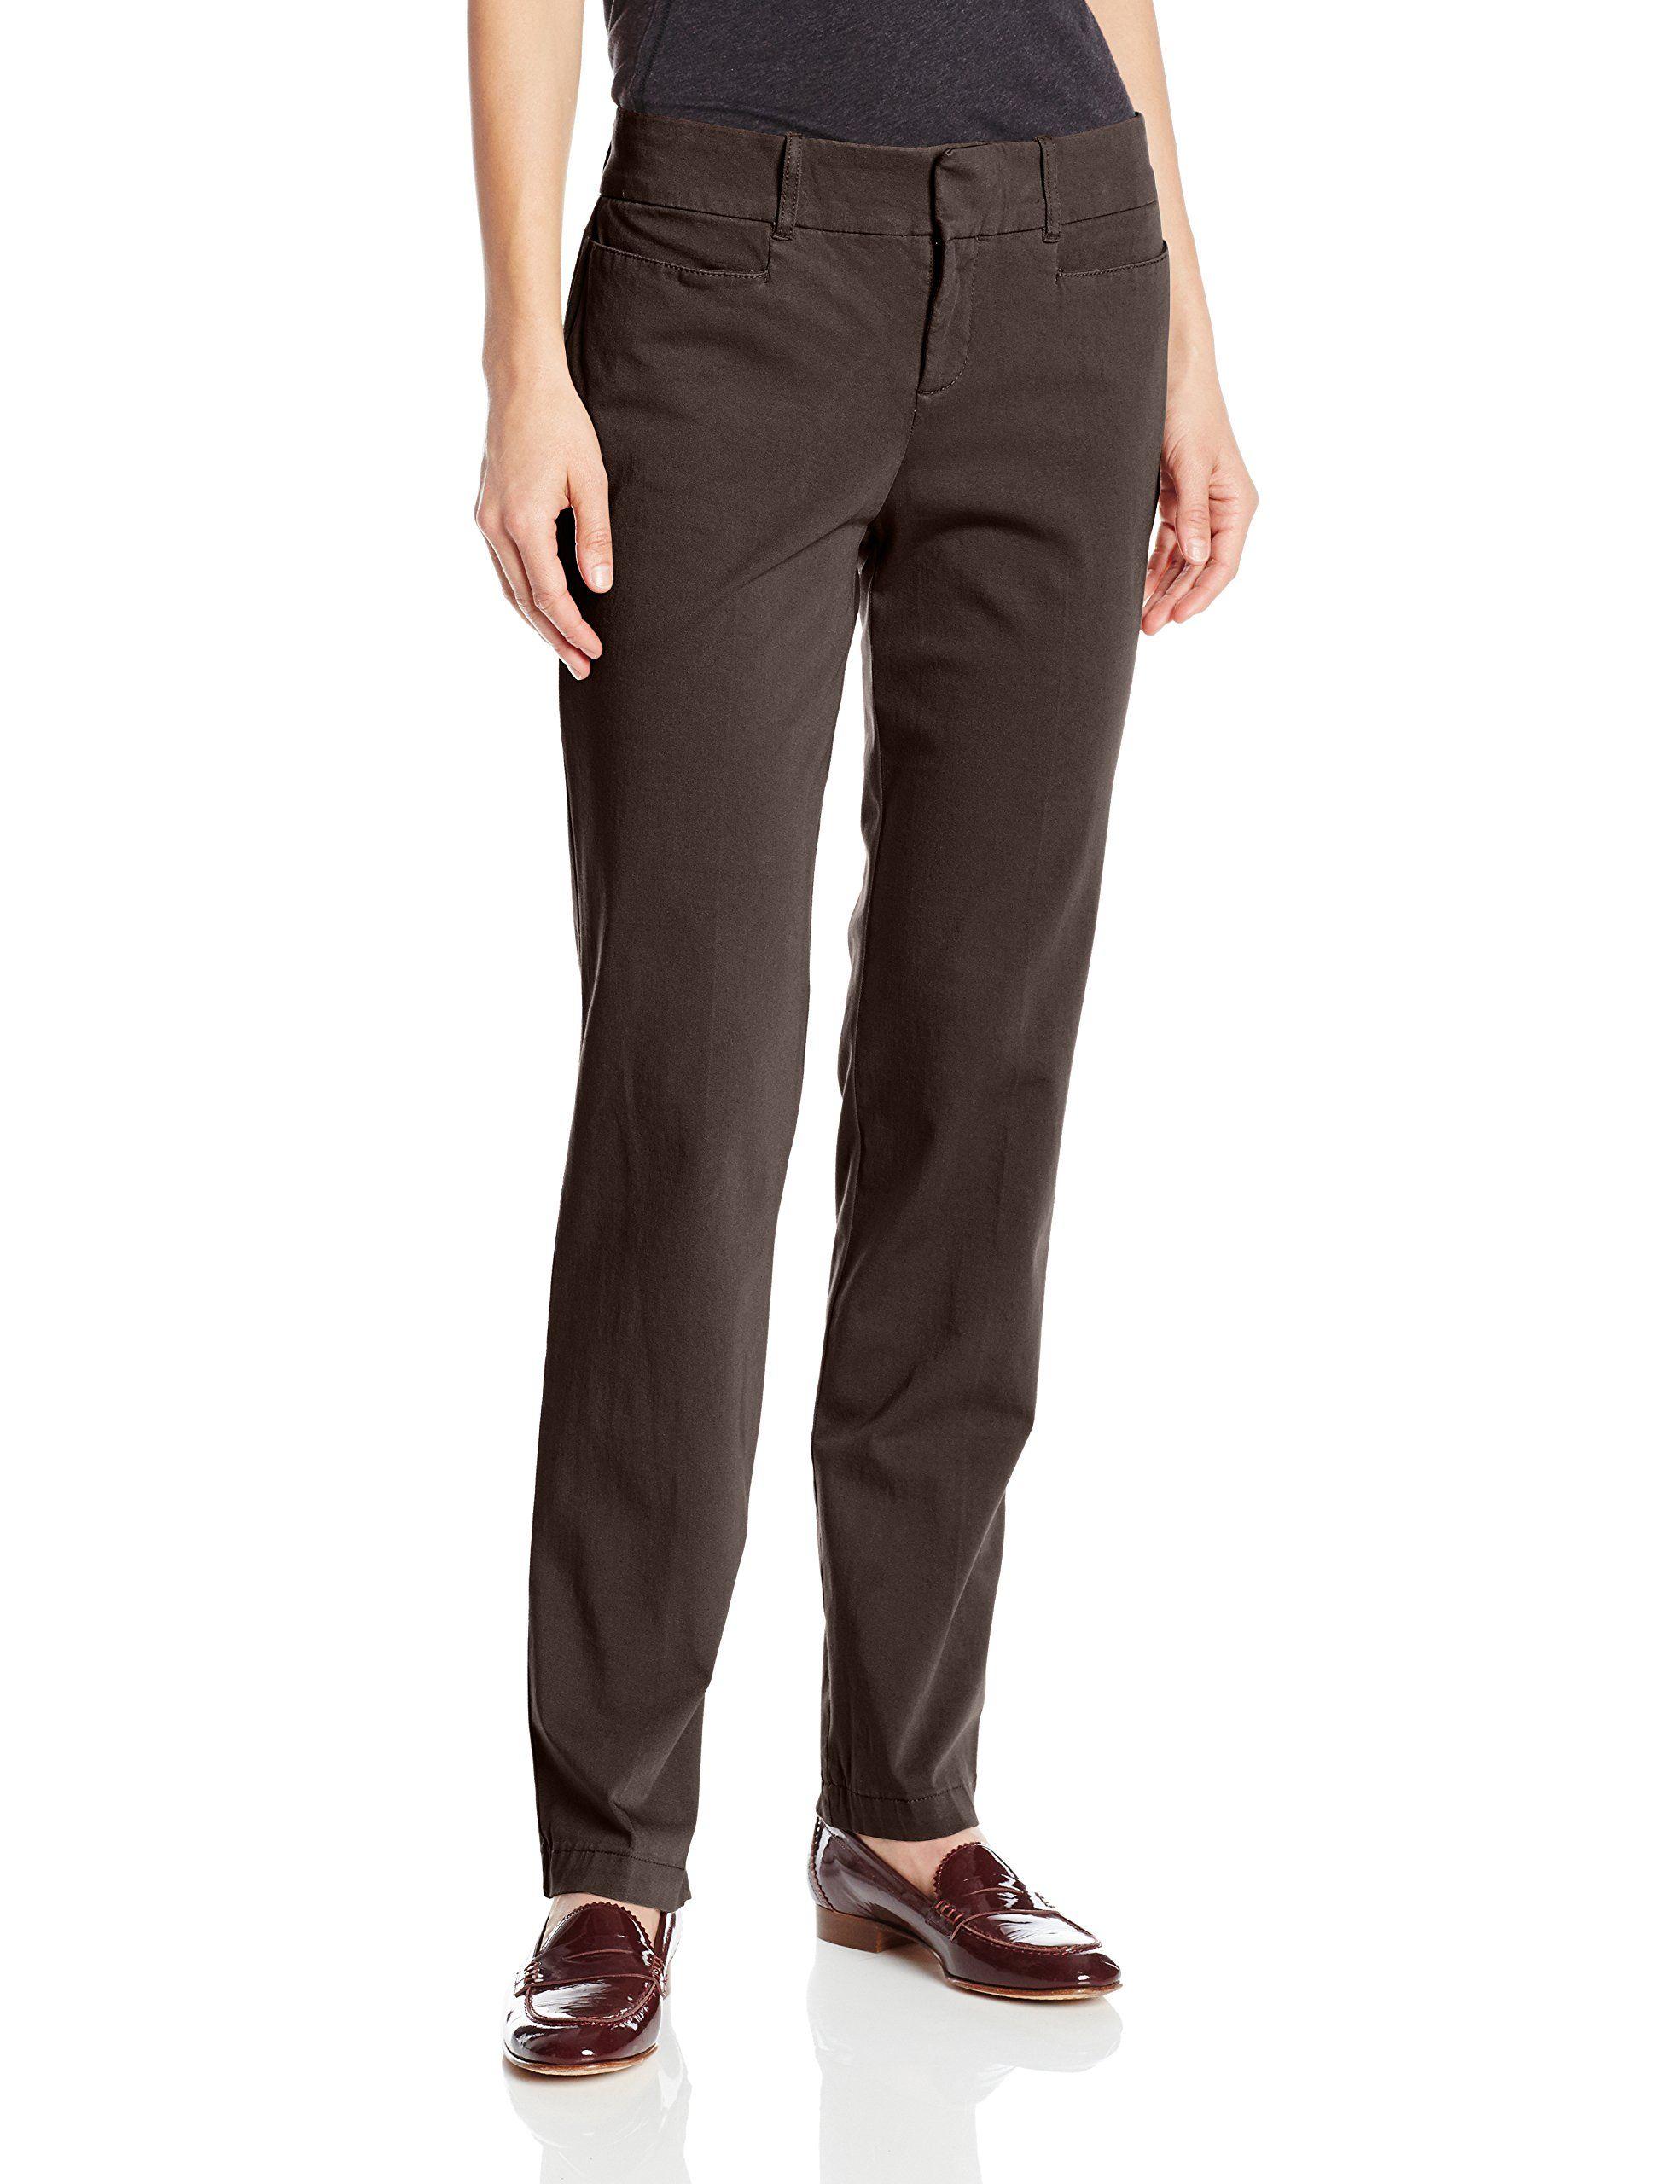 Dockers Women's Ideal Straight Leg Trouser Pant, Black